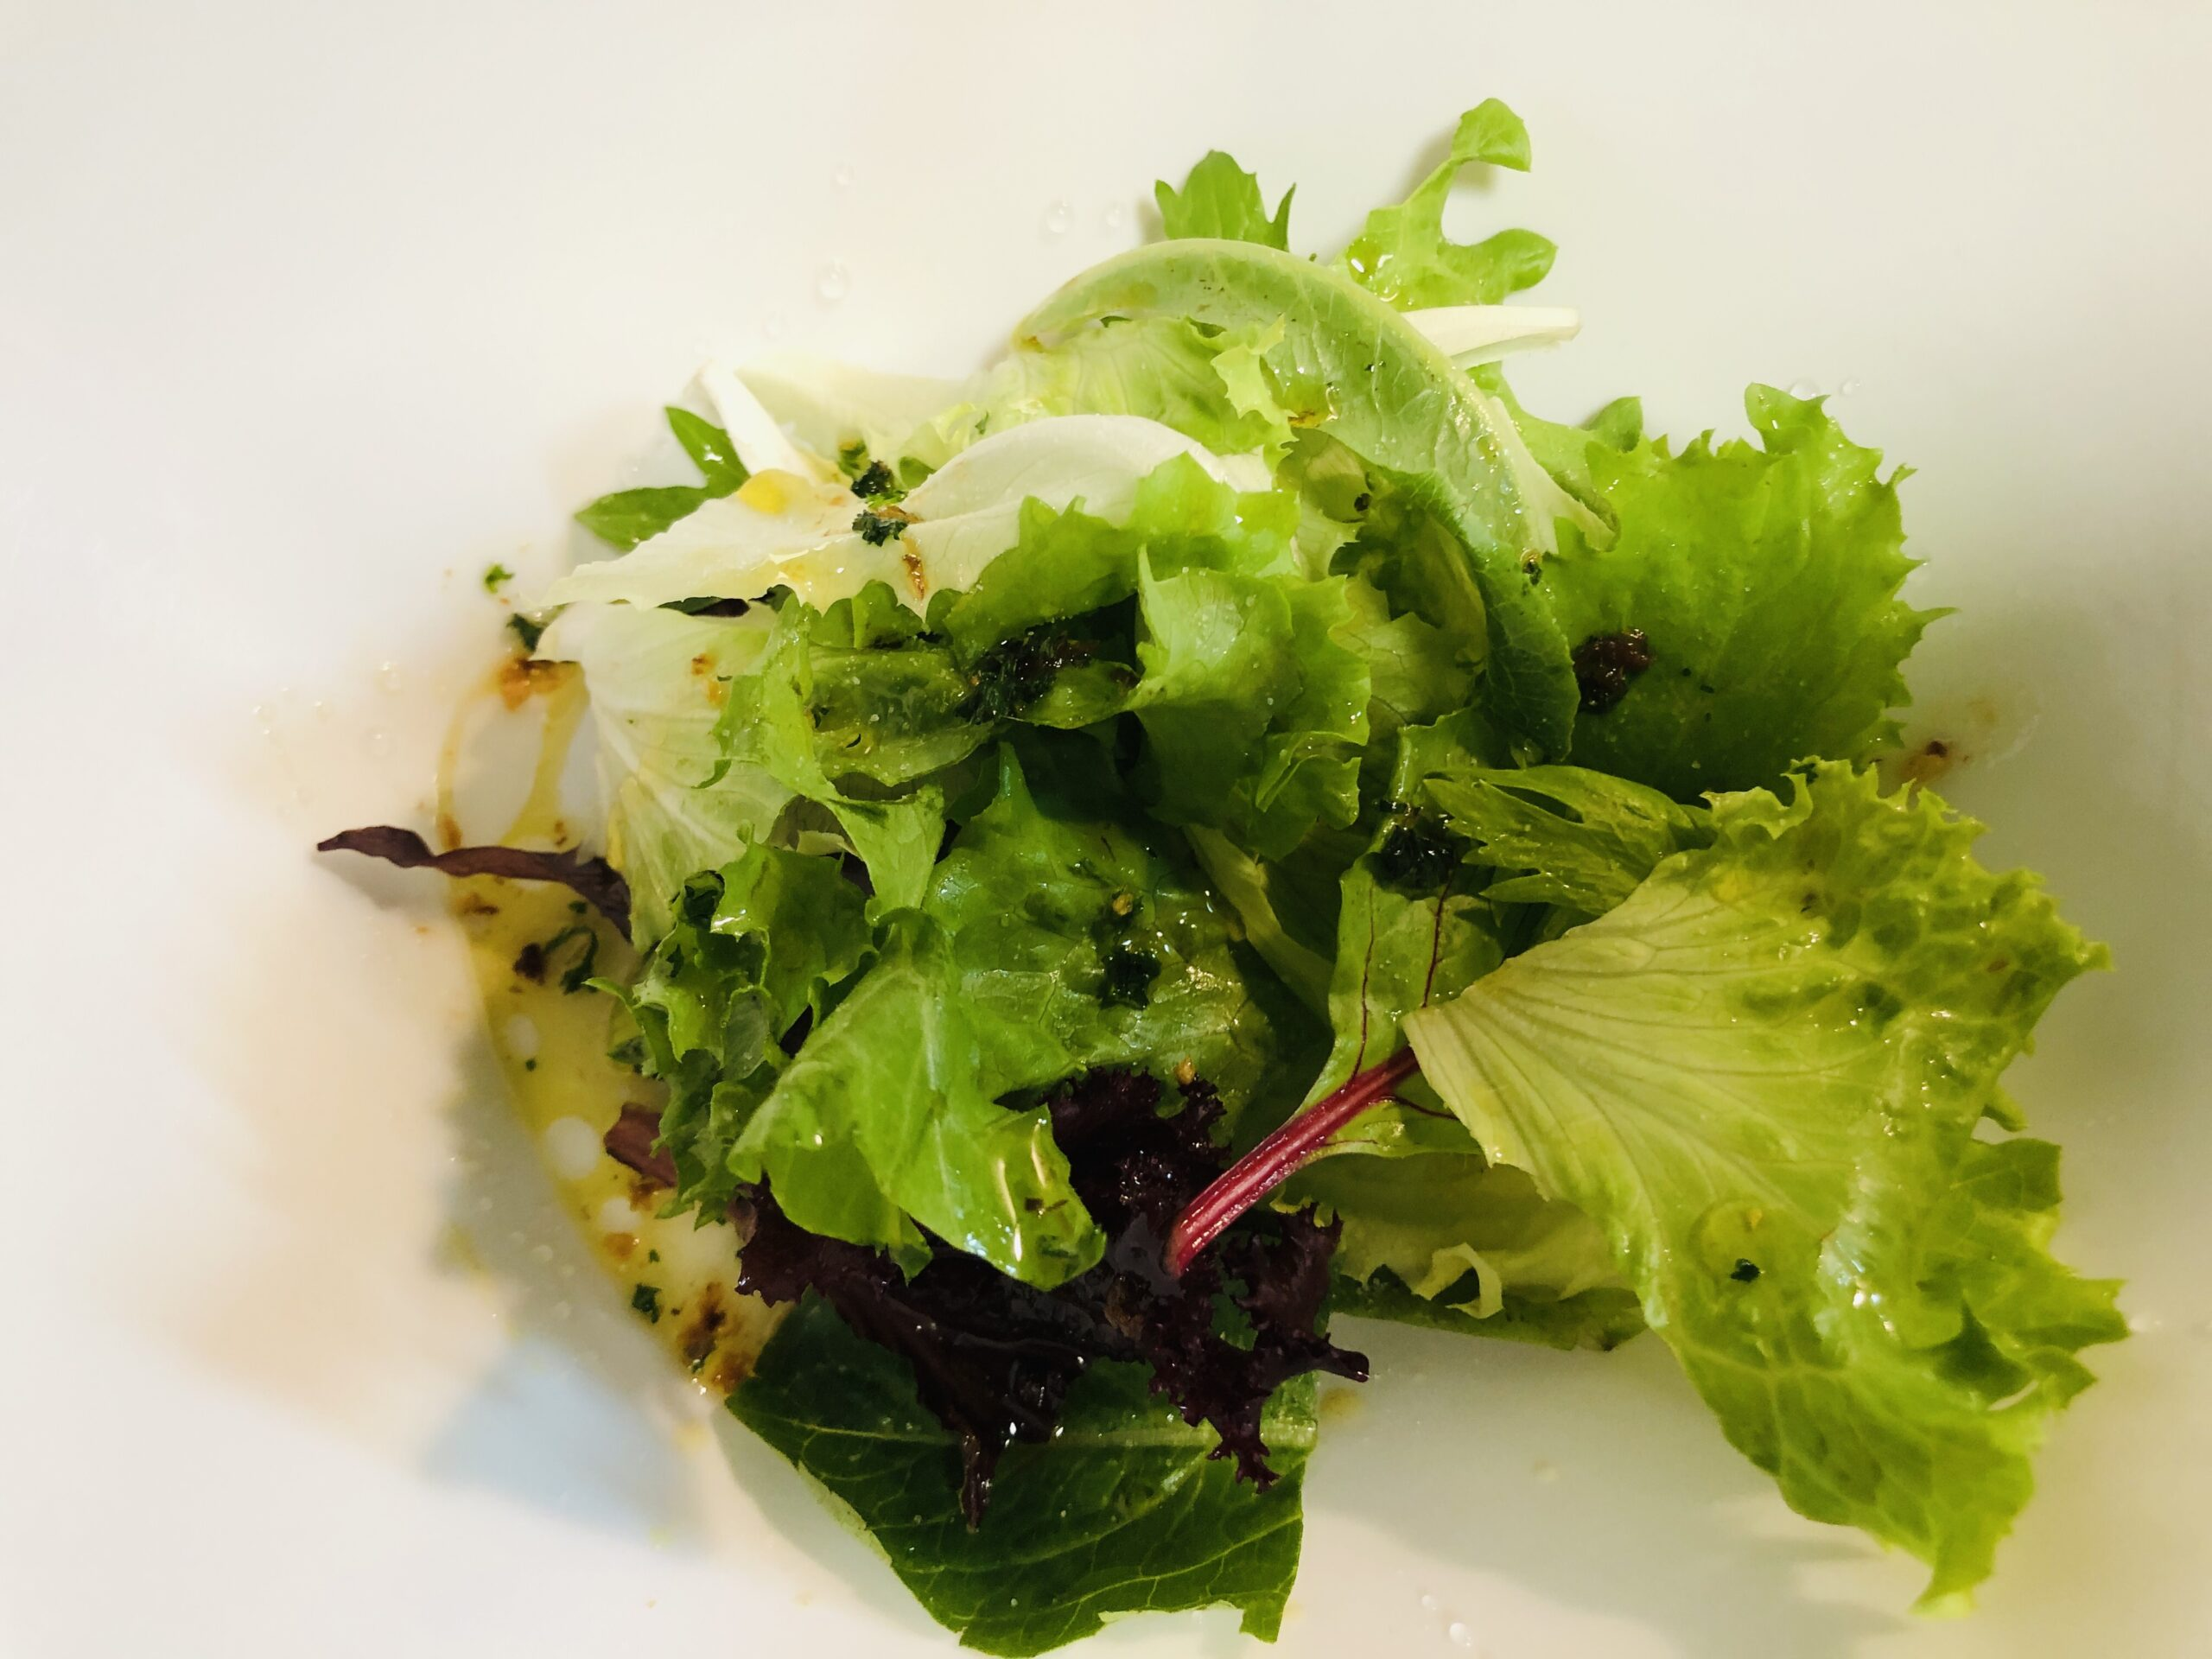 ミックスリーフサラダに塩、胡椒、レモン果汁、アンチョビオイルをかけた状態の画像です